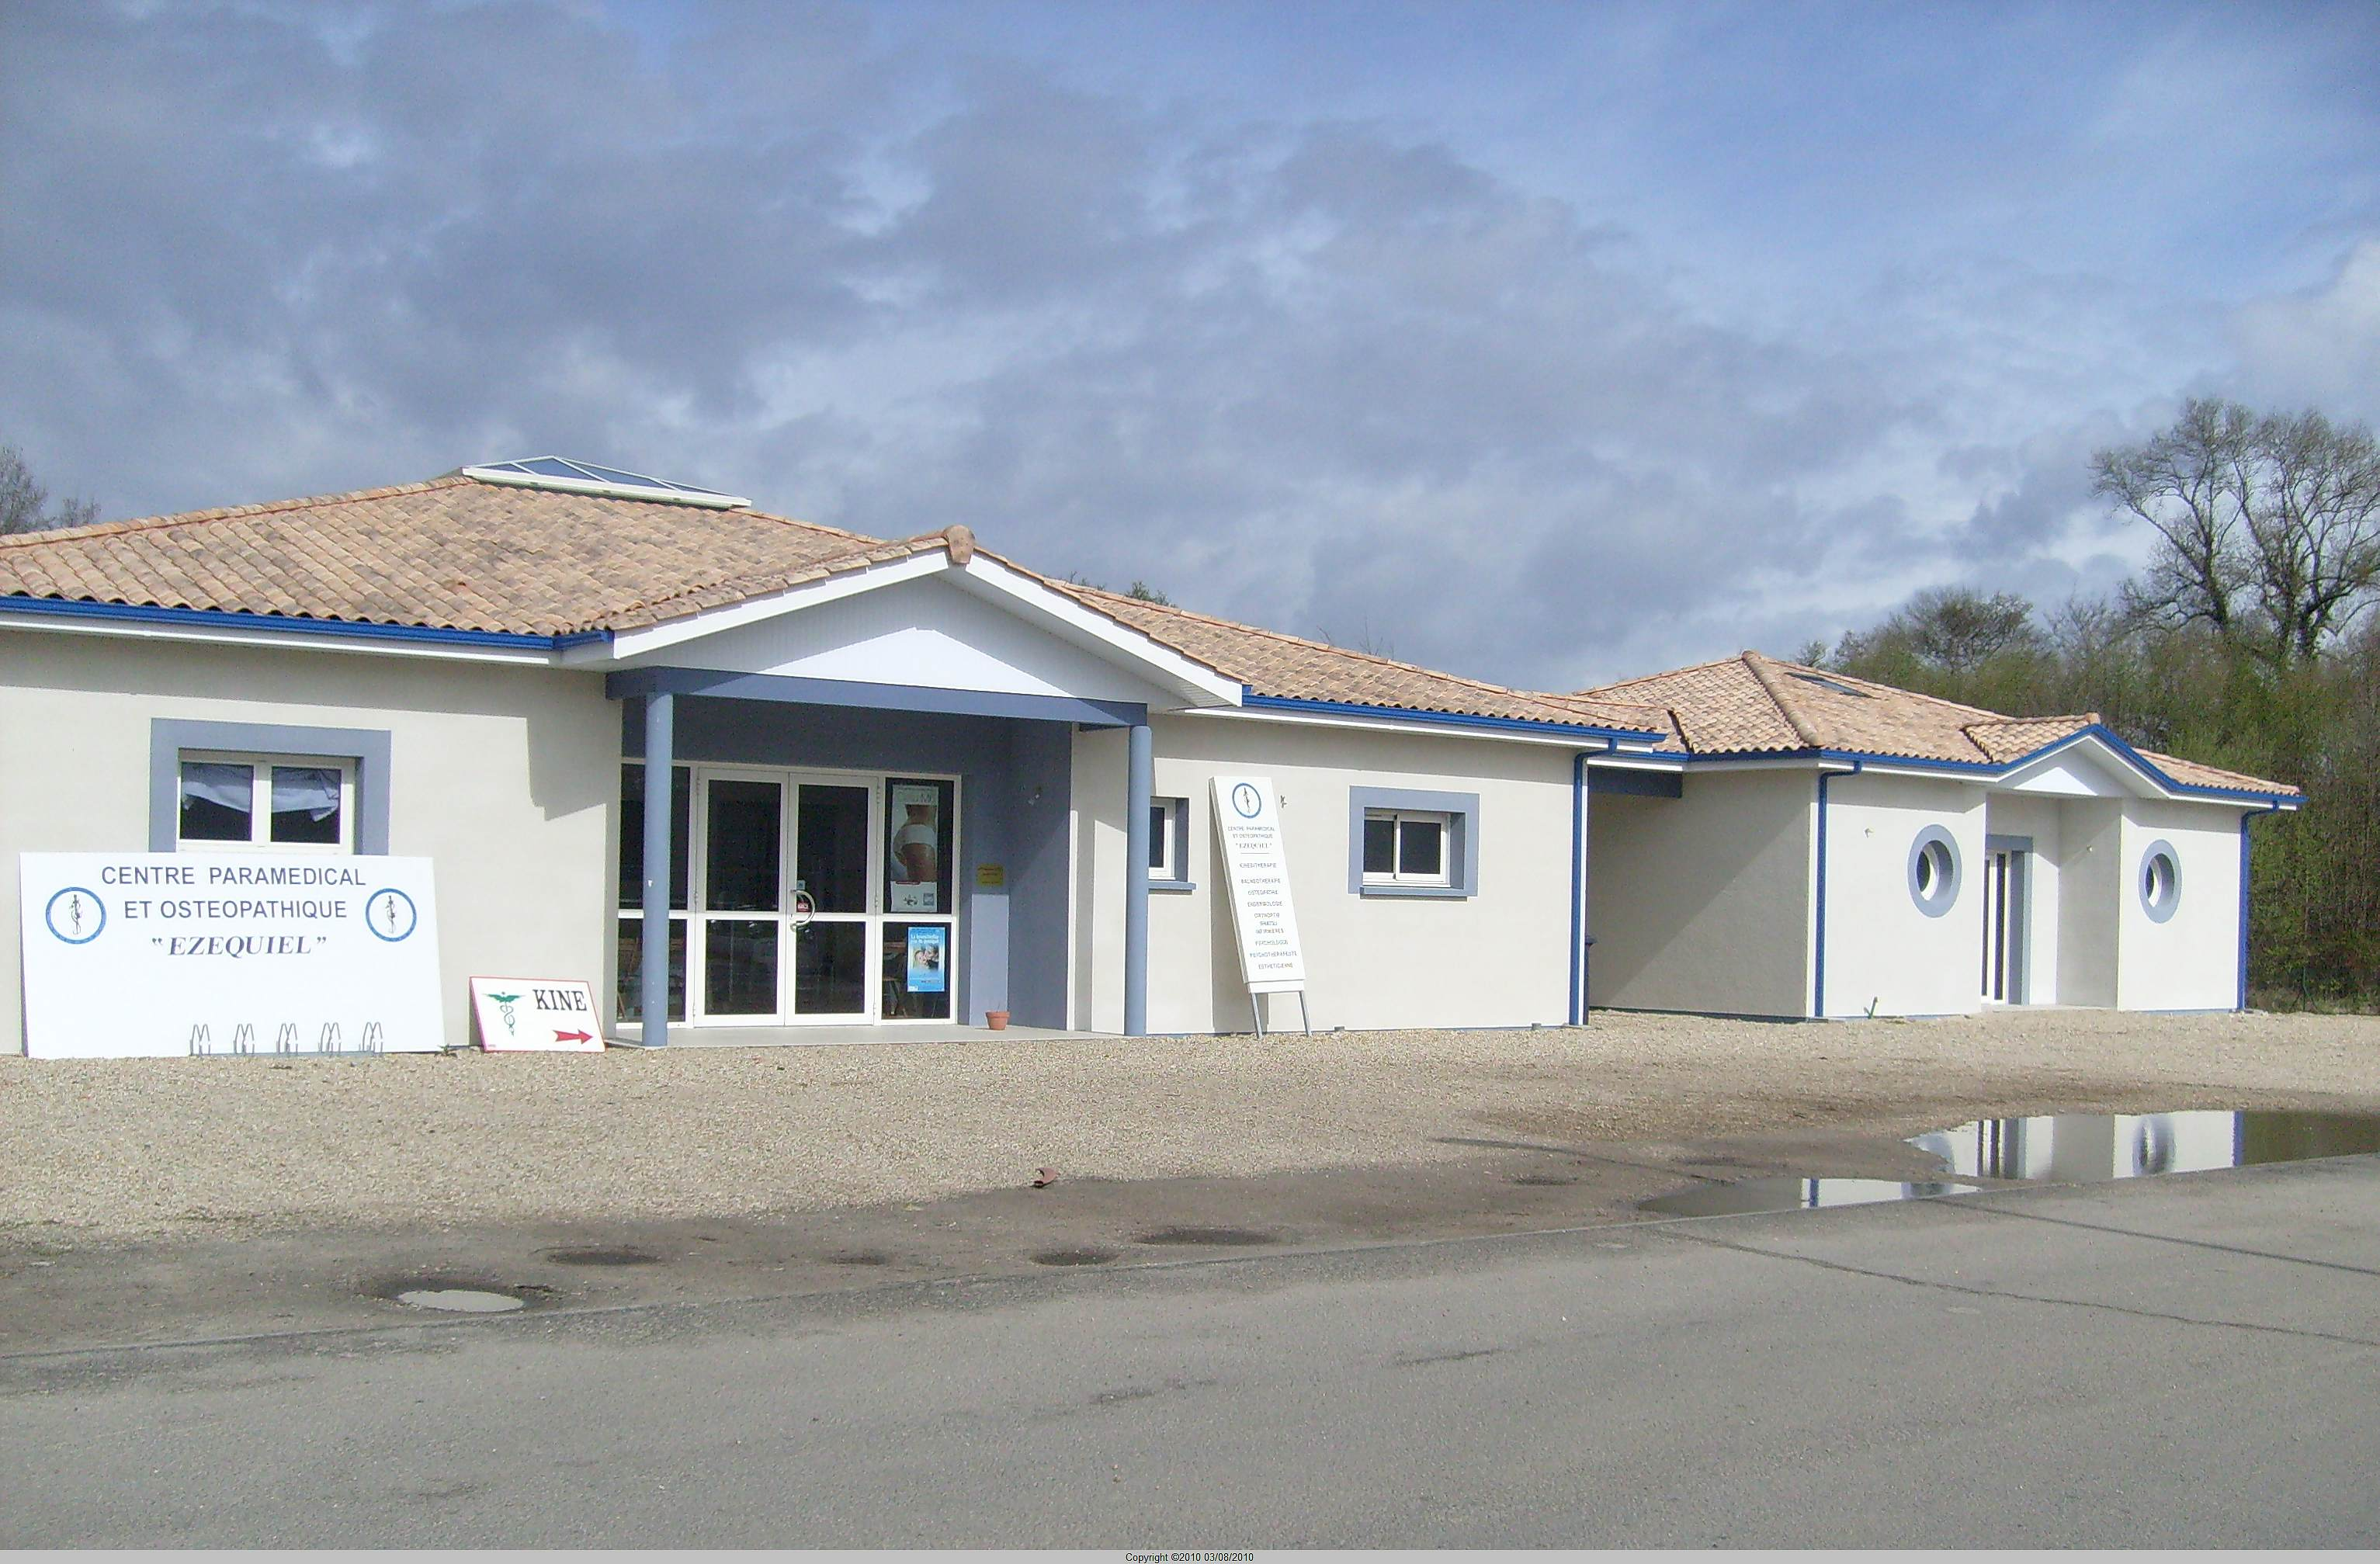 Photo castelnau de m doc 33480 castelnau de m doc for Garage castelnau de medoc